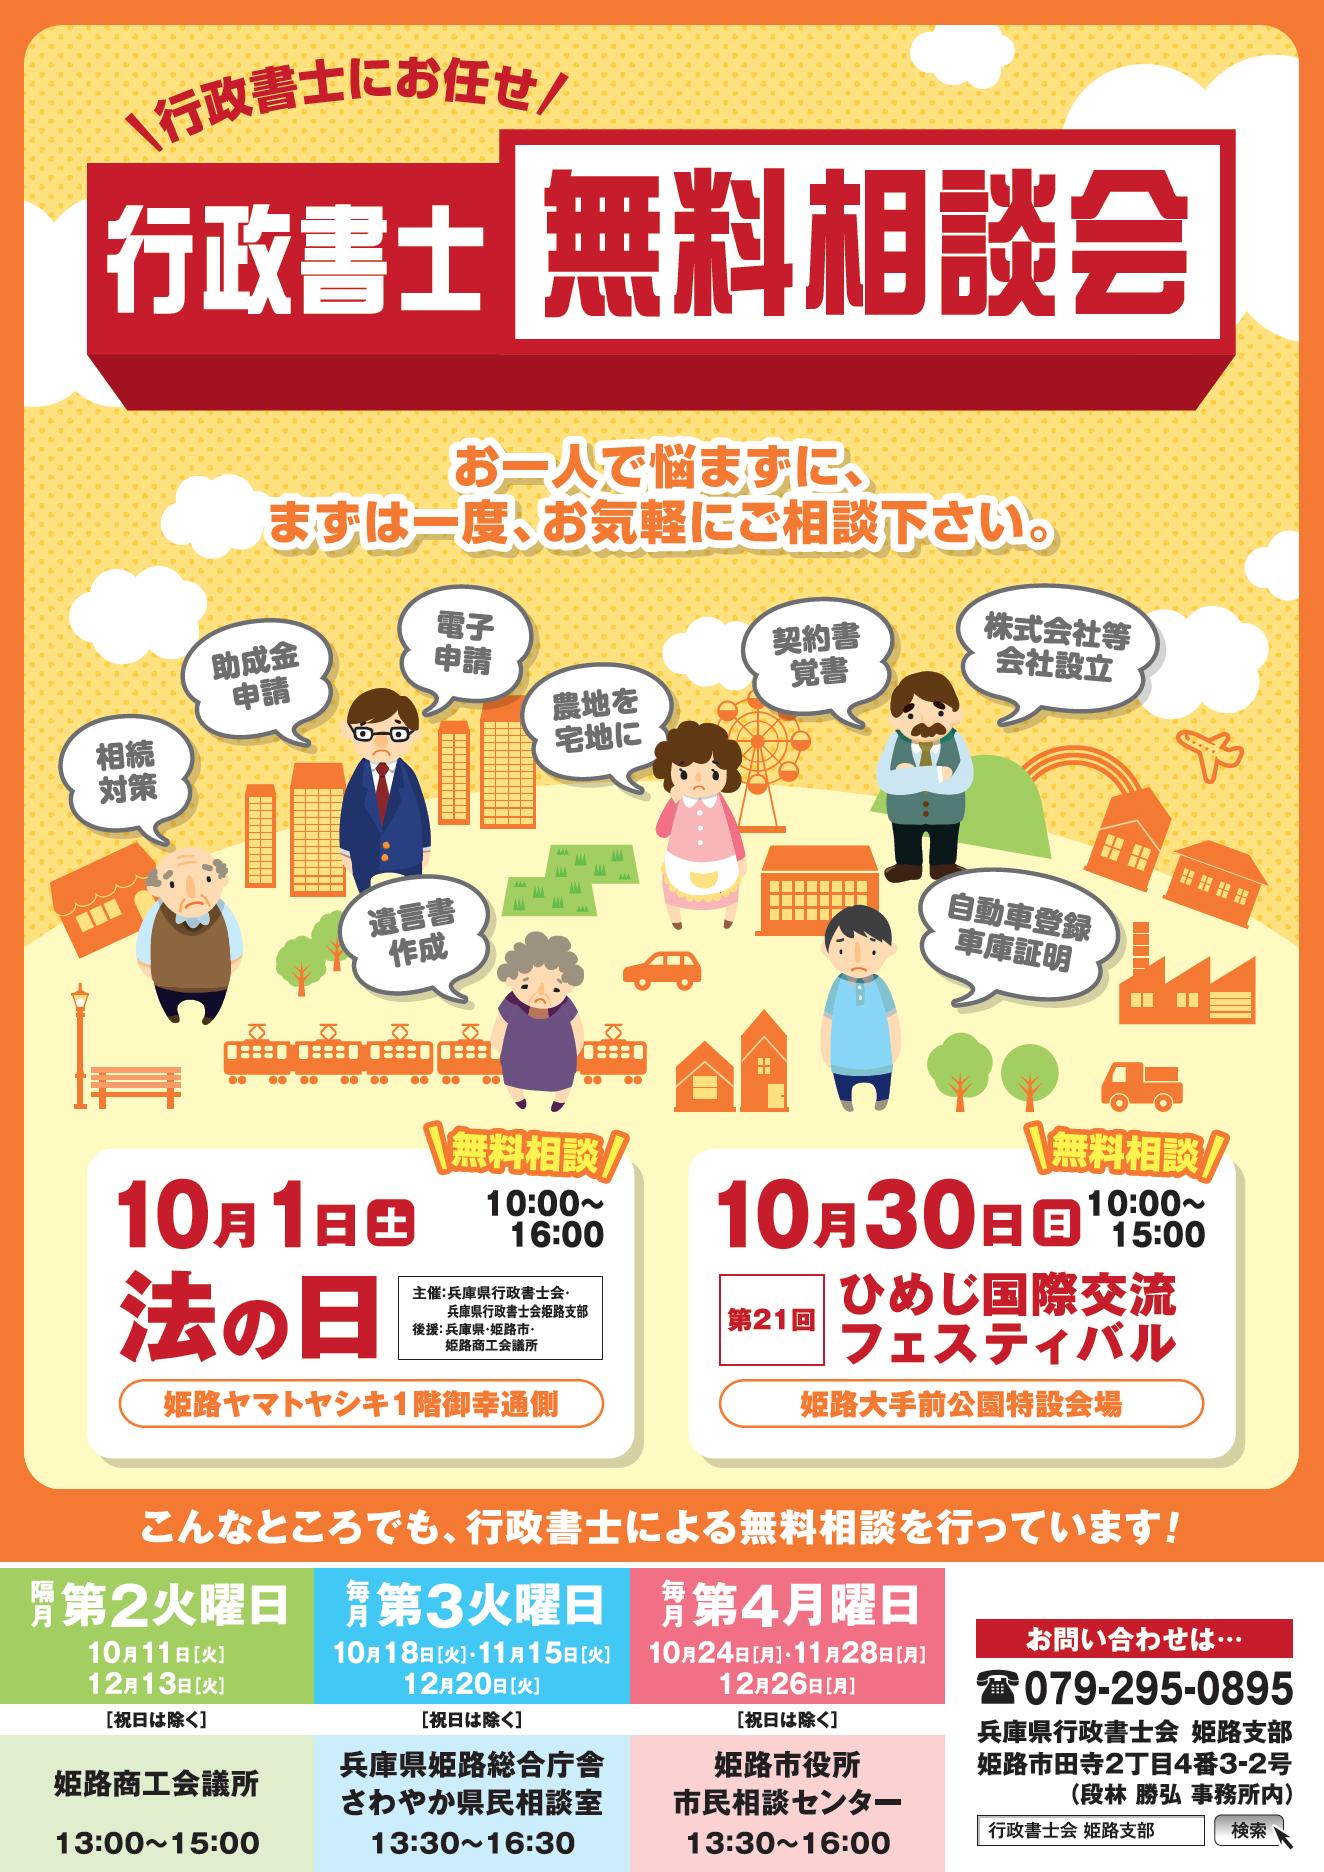 無料相談会情報(10/1、10/30)